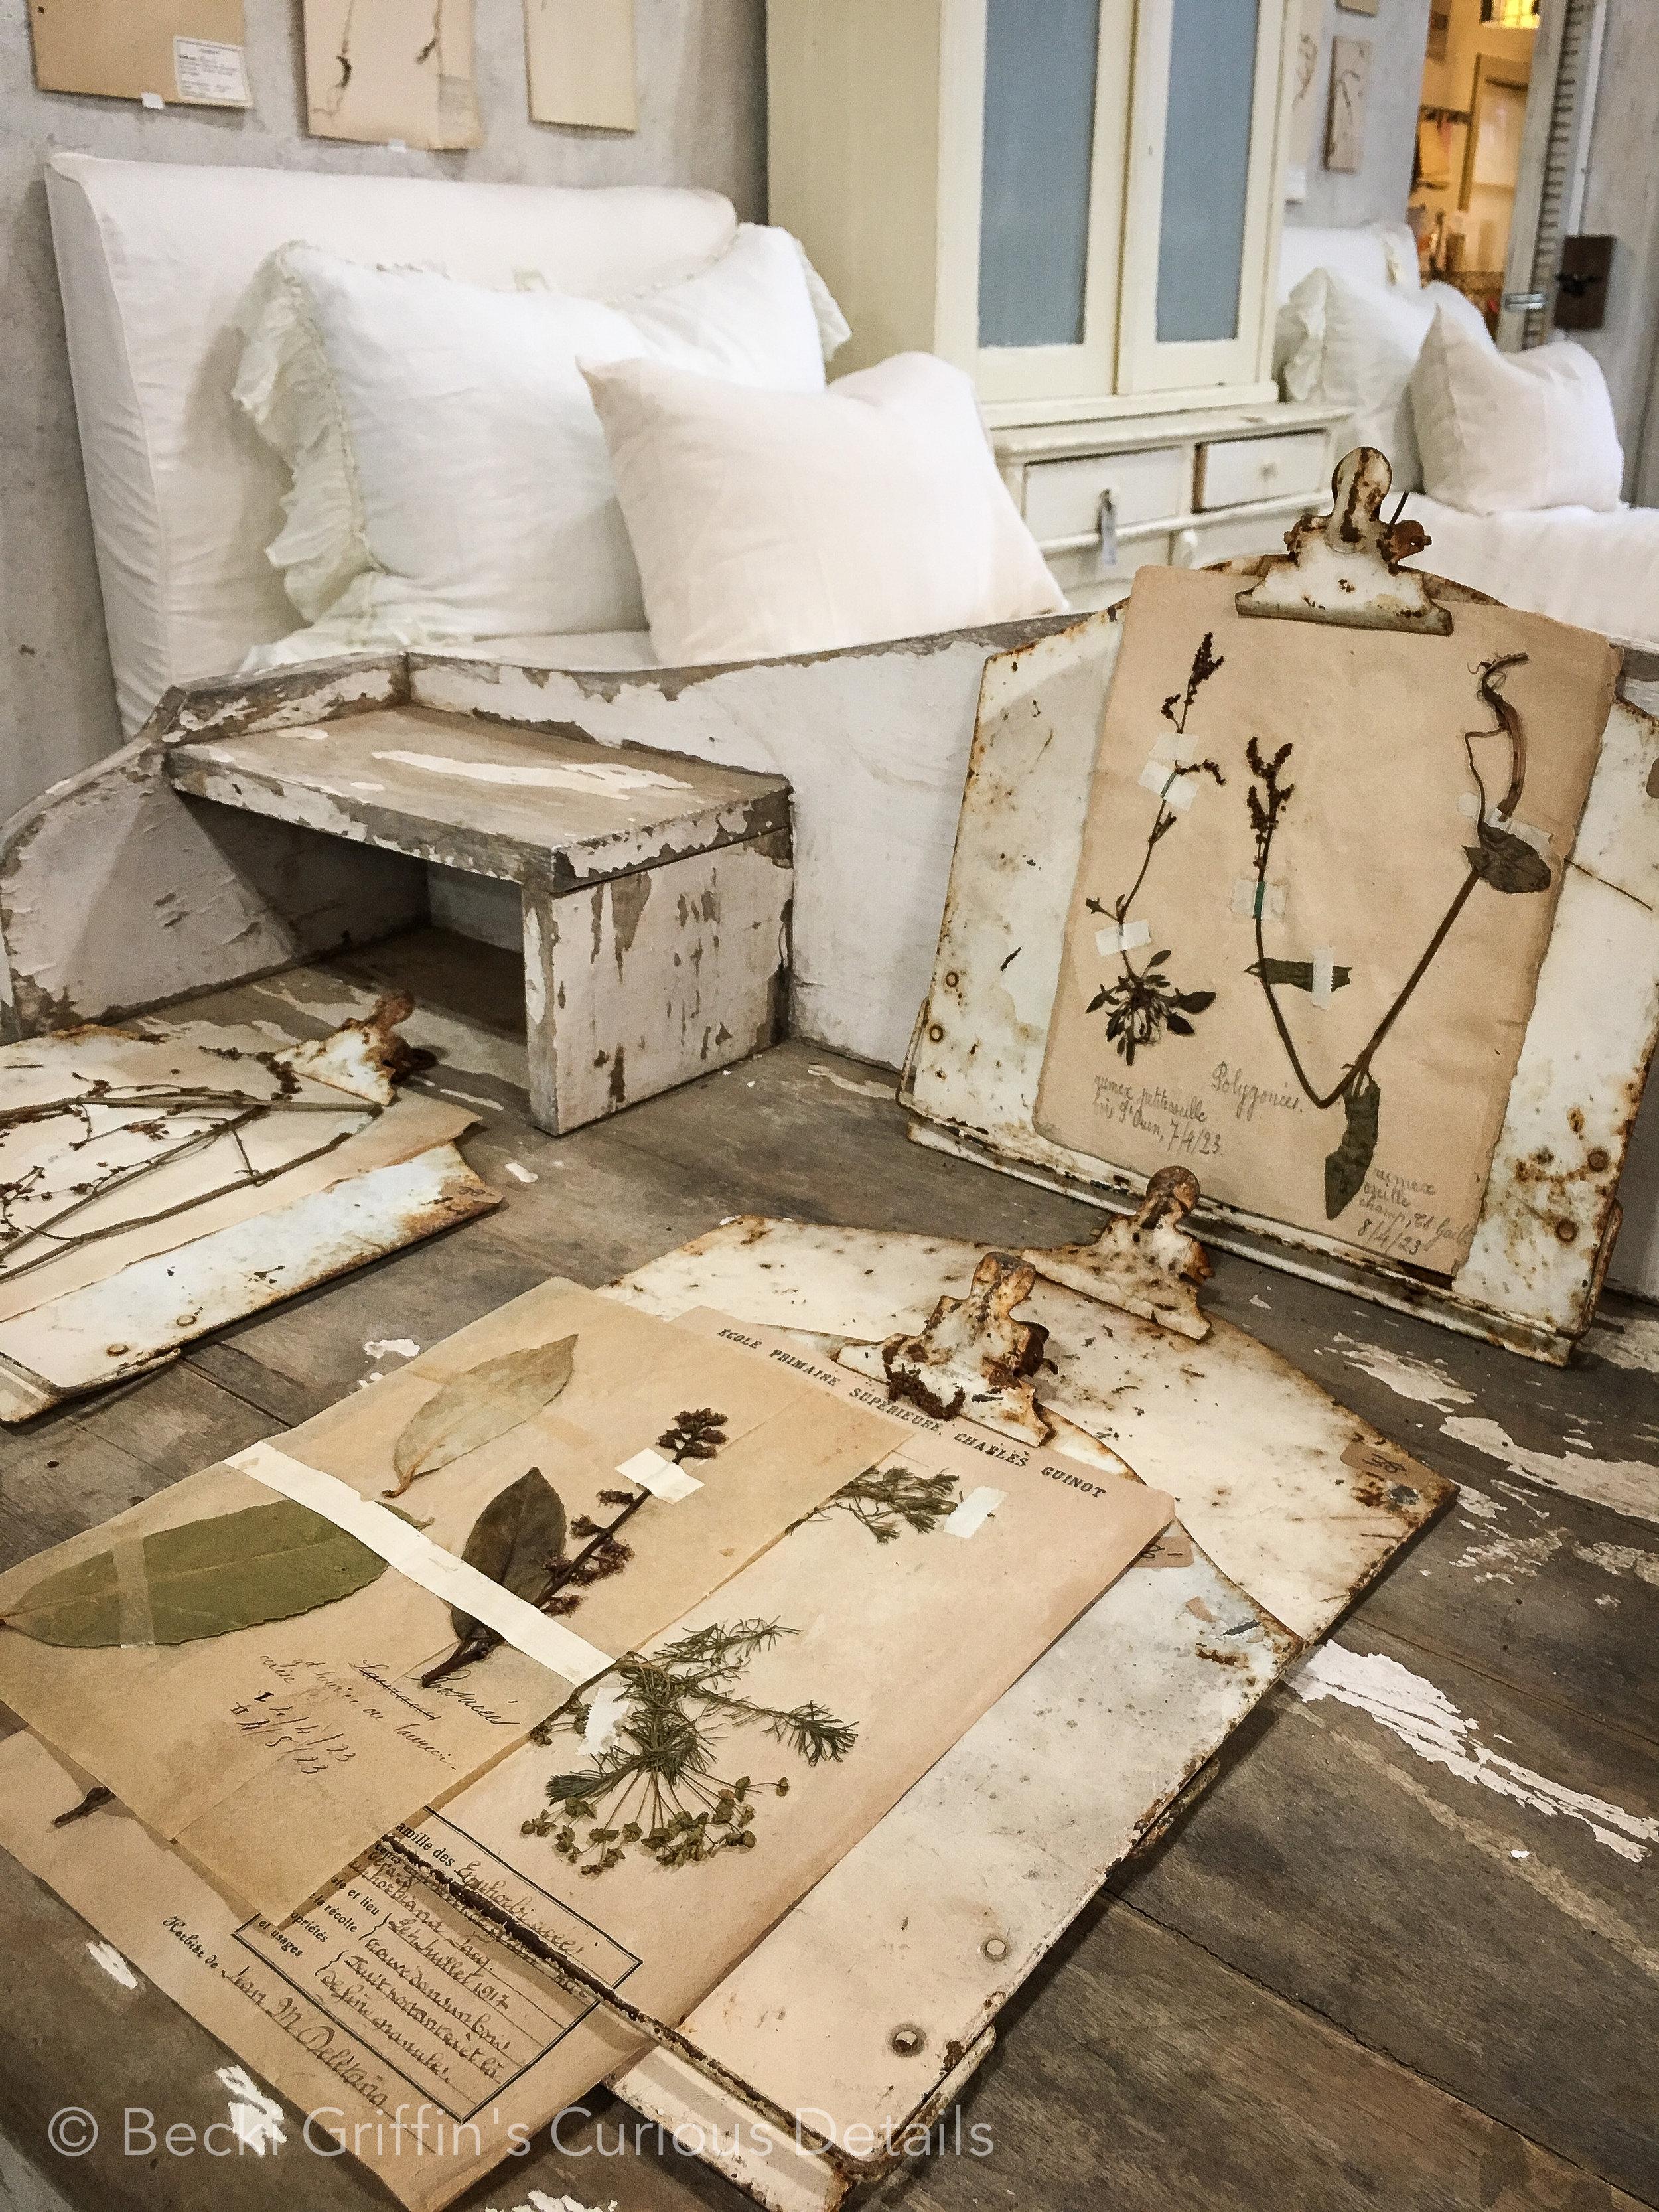 Becki Griffin's Curious Details_Room No. 5 Carol Bolton Unloading Sale-9.jpg